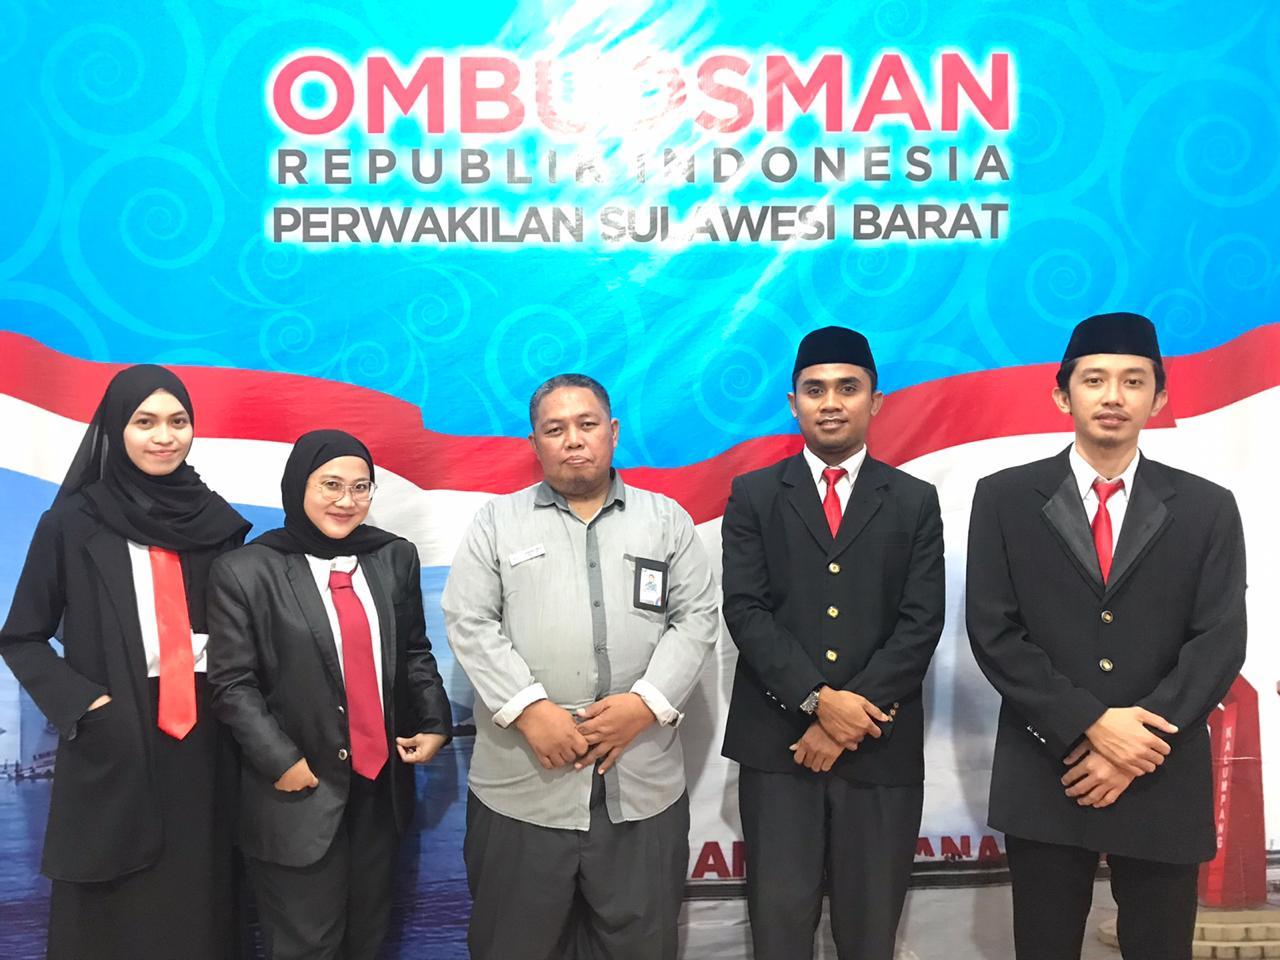 Naik Jenjang, 5 Asisten OmbudsmanSulbar Ditantang Melakukan yang Terbaik